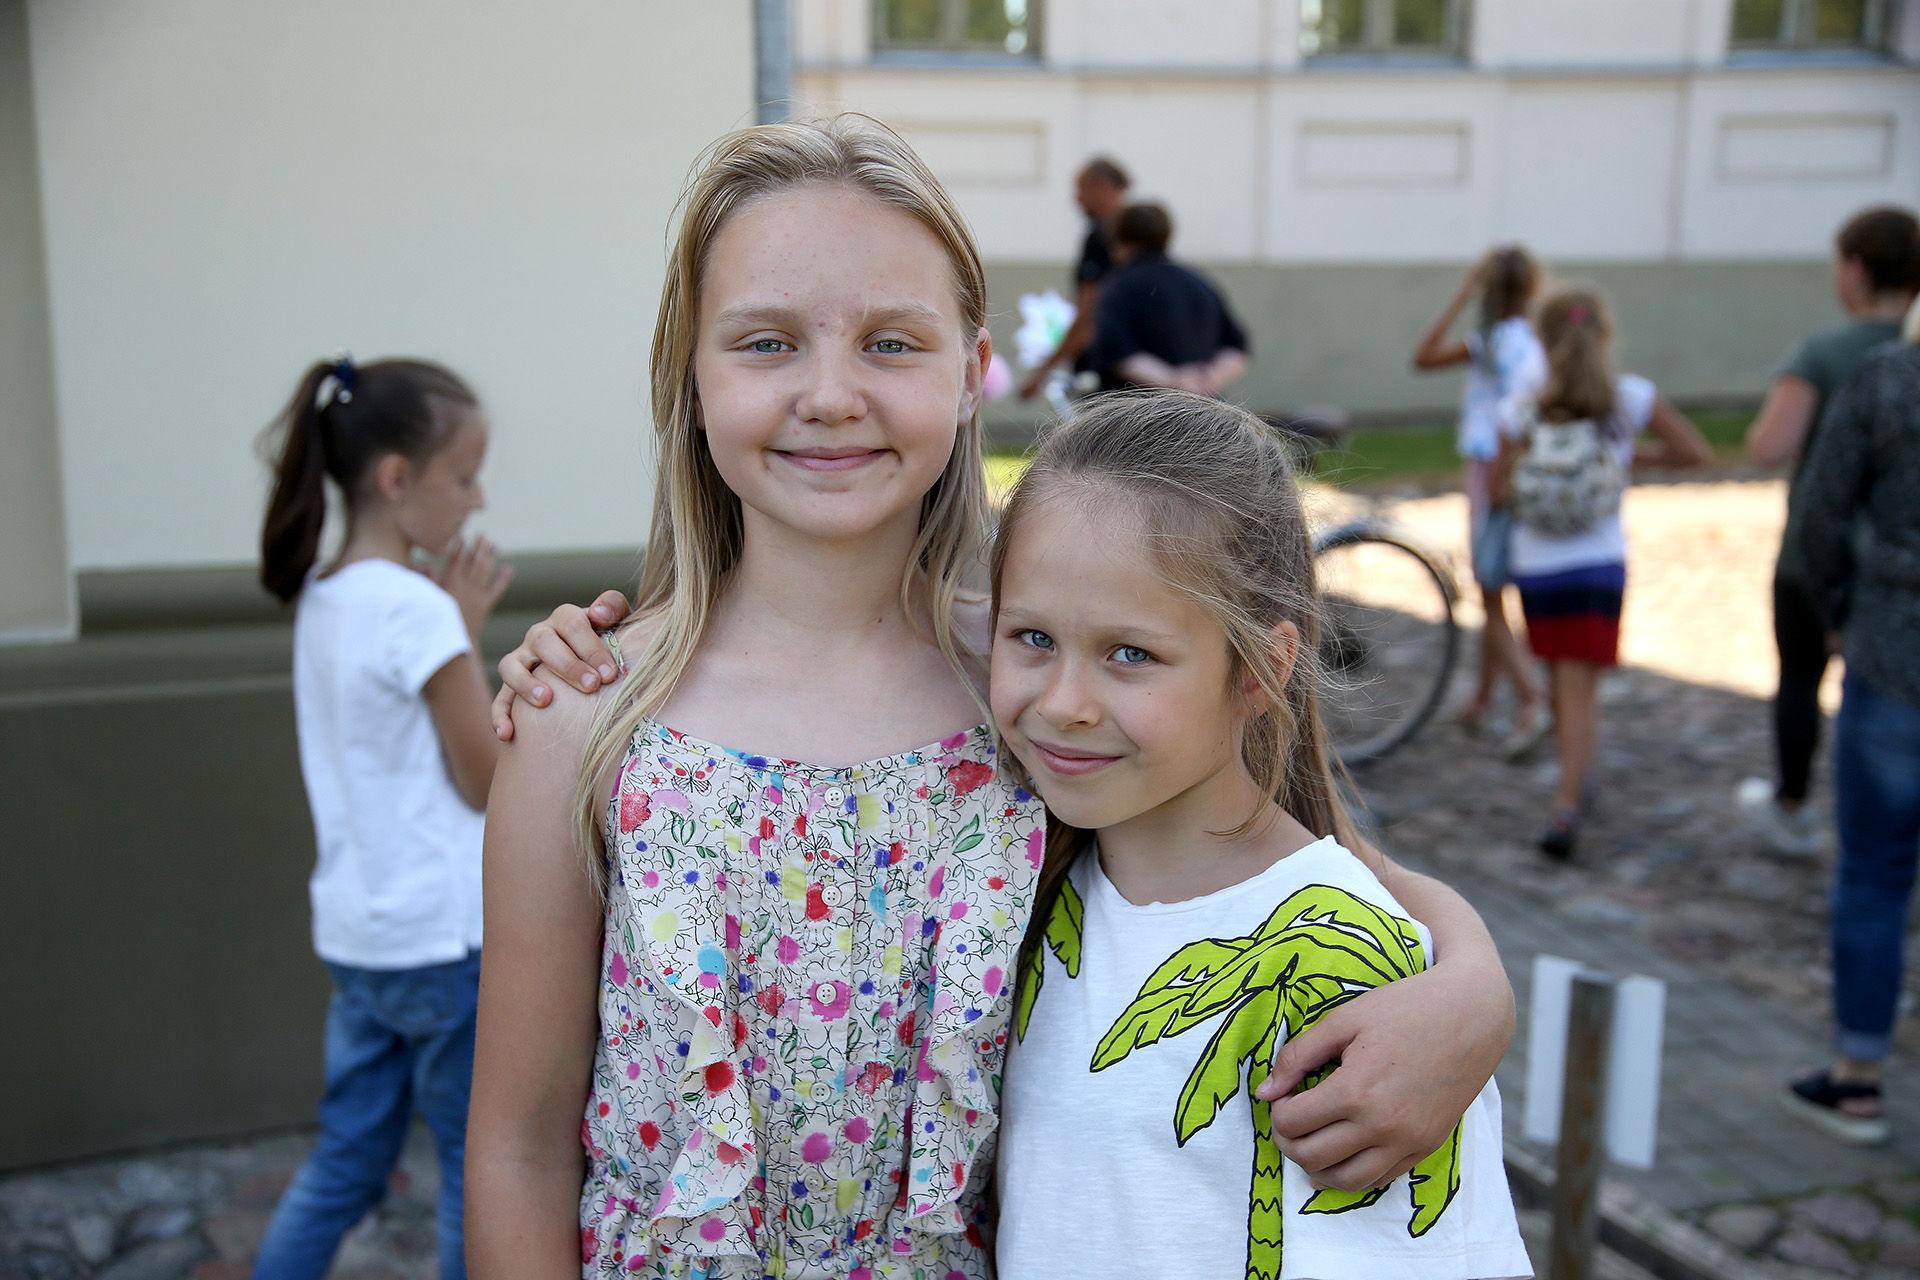 Stovyklos metu besilankydama senamiestyje devynmetė Kamilė (kairėje) nupiešė bažnyčią, ant kurios buvo katinas. O Kėdainių dailės mokykloje besimokanti vienuolikmetė Aleksandra (dešinėje) į panašaus pobūdžio stovyklą ketina sugrįžti ir kitais metais. / Algimanto Barzdžiaus nuotr.